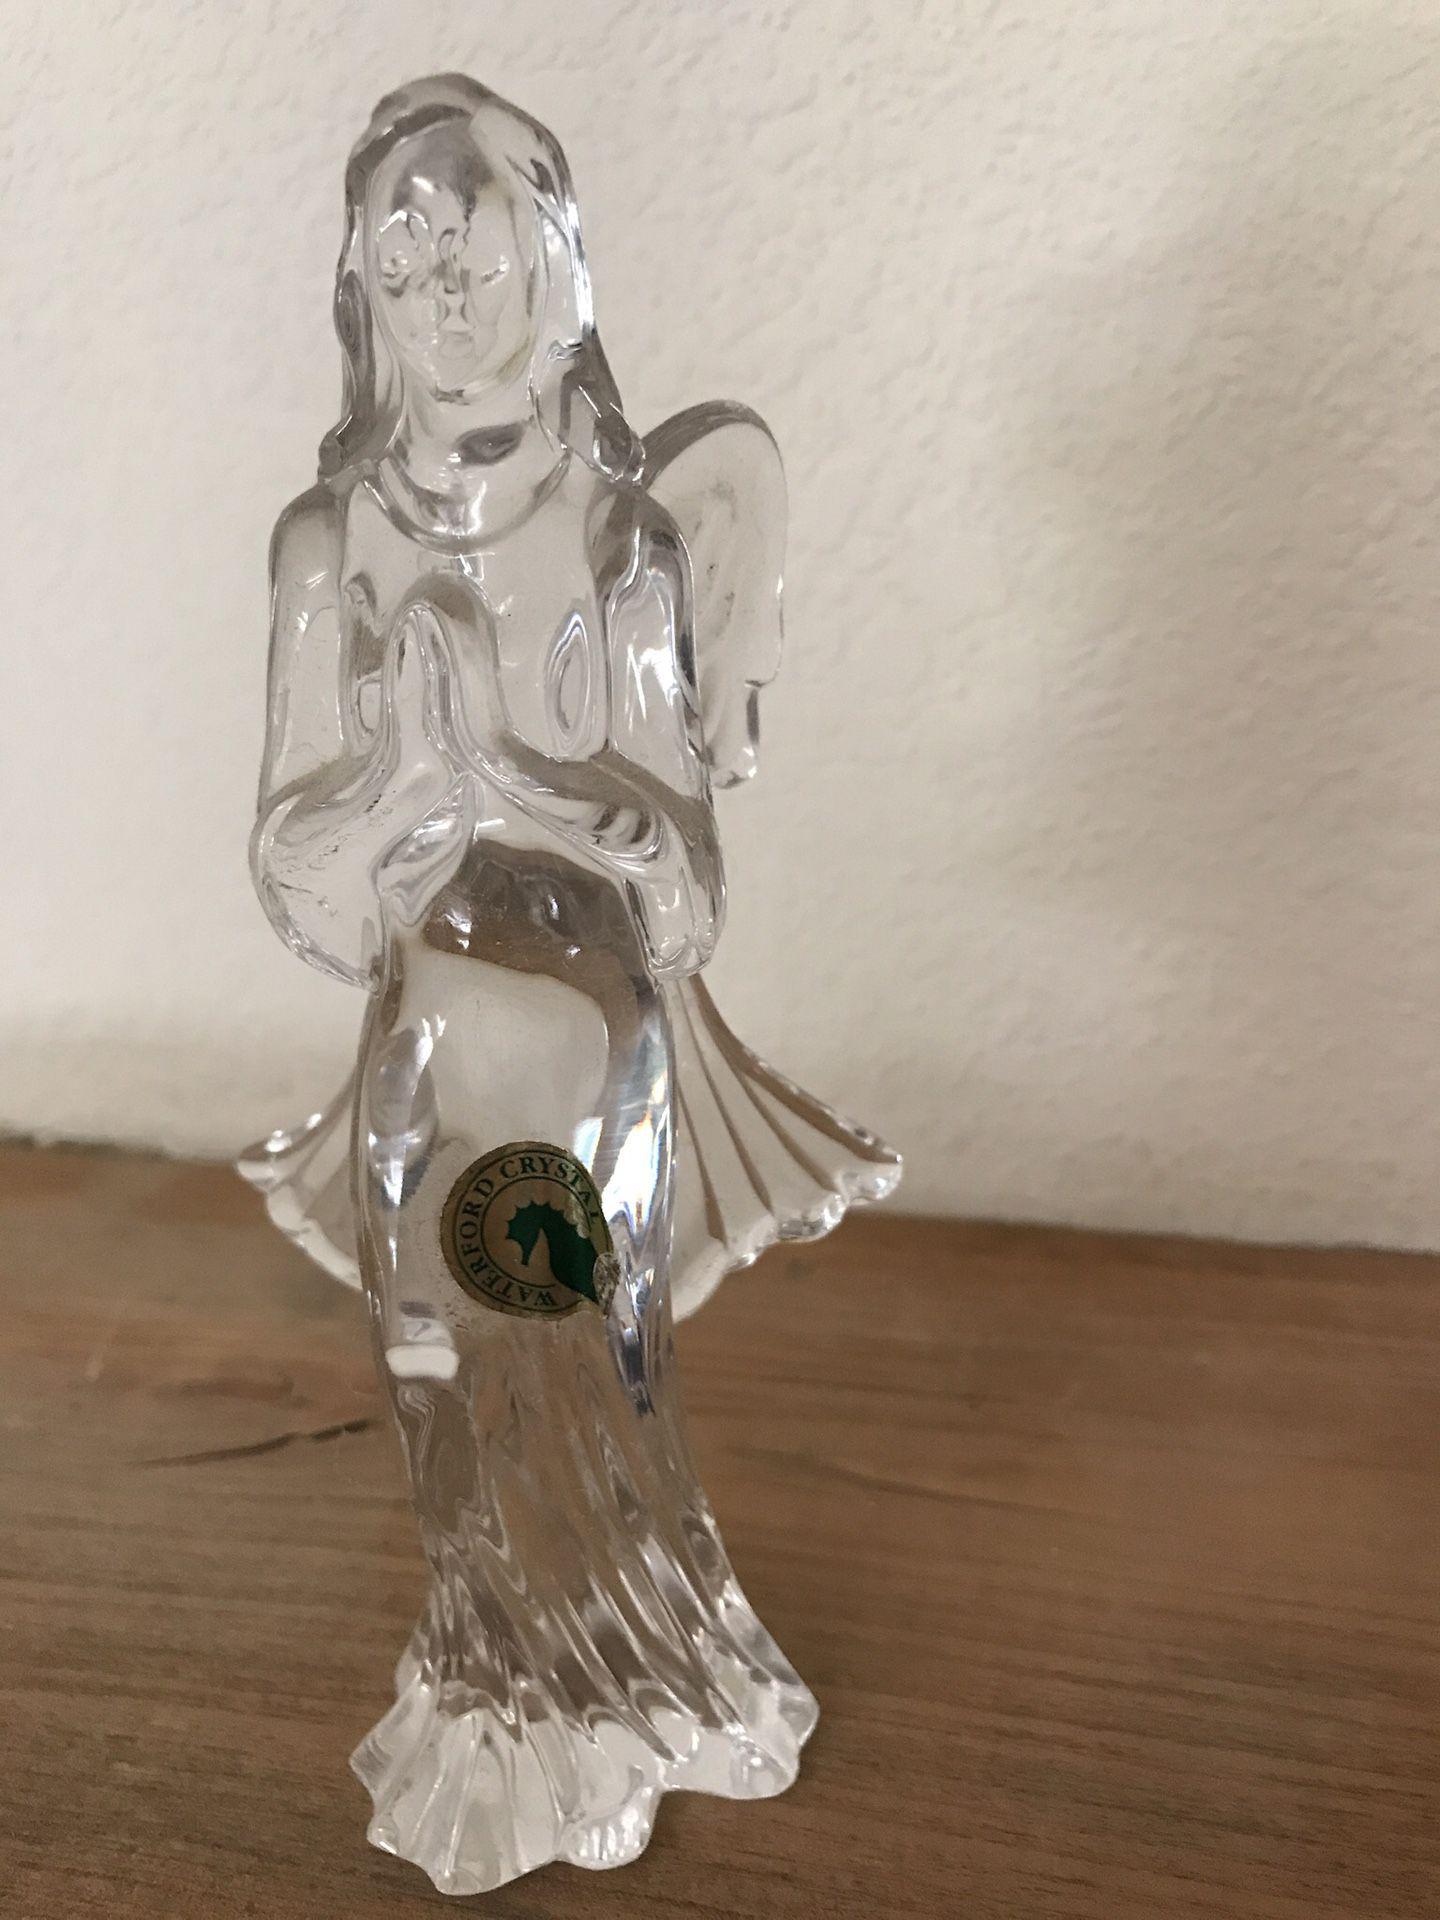 Waterford crystal angel